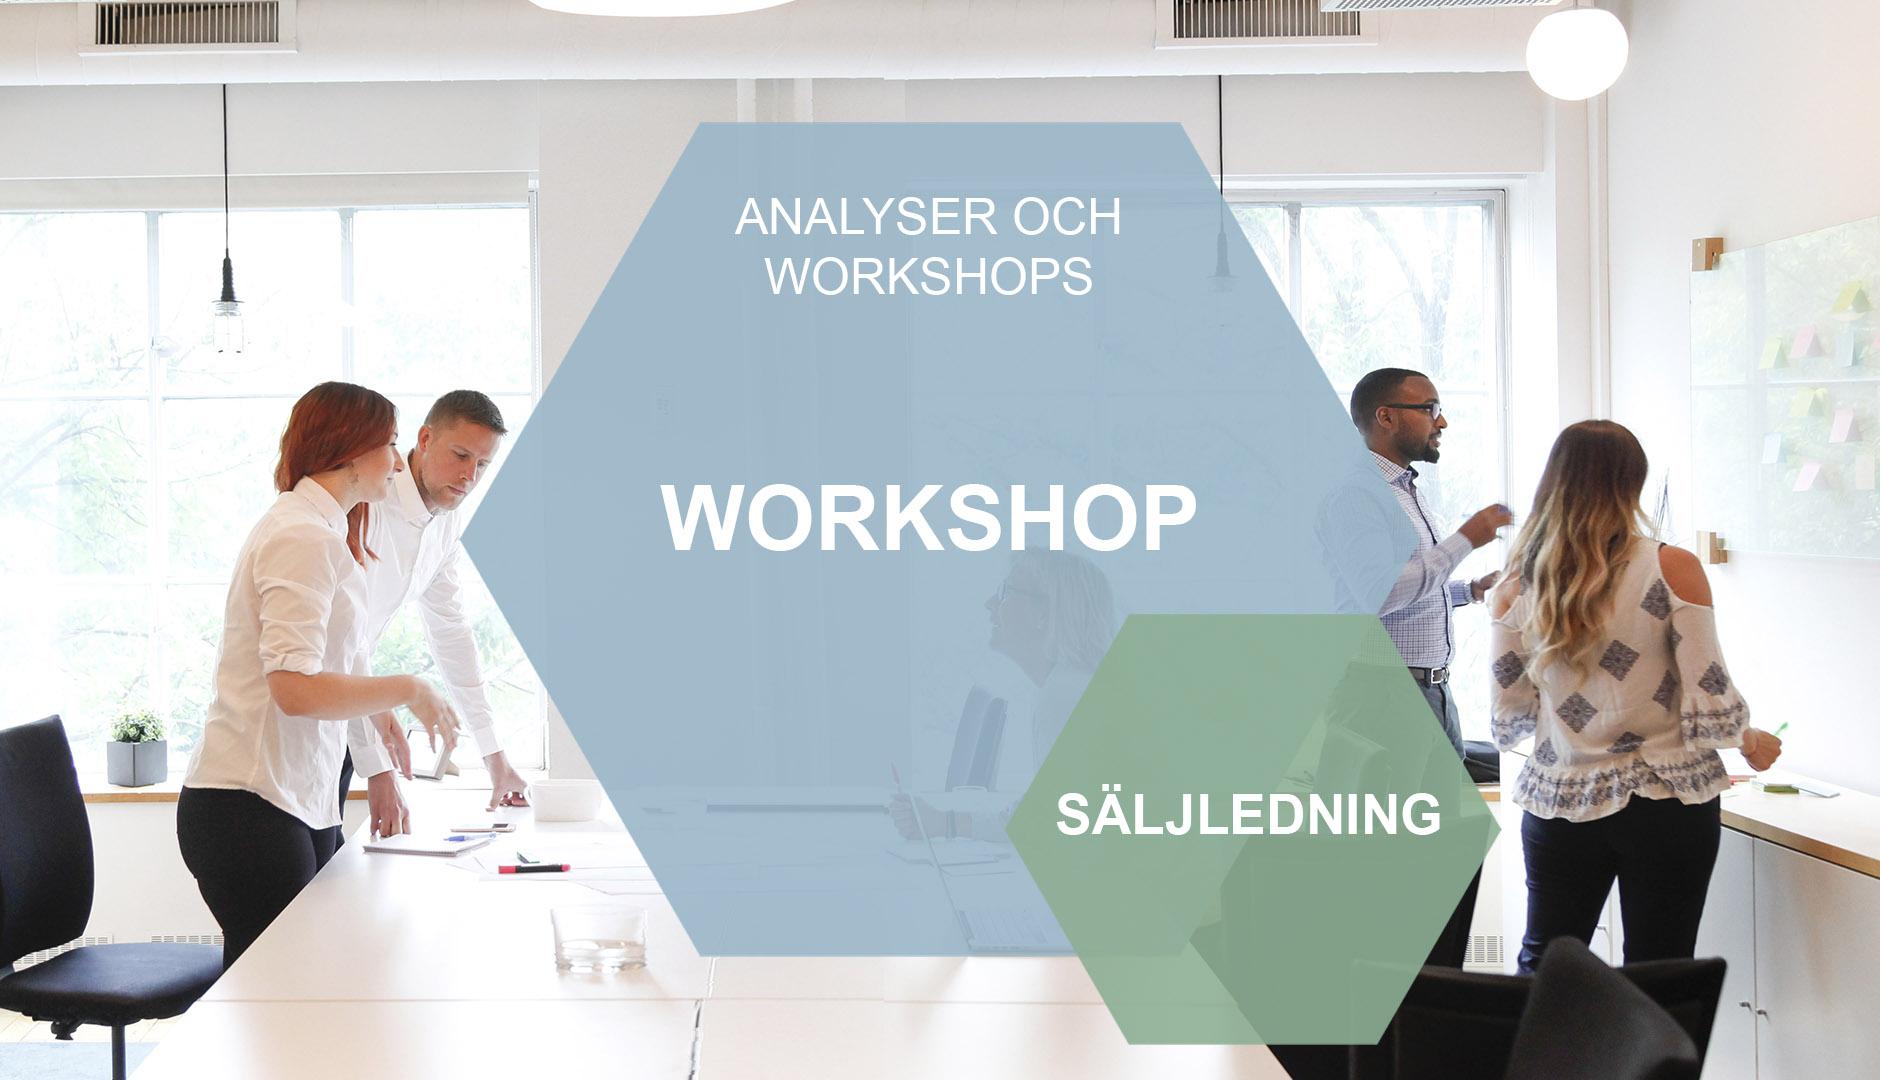 Säljledning workshop i hexagon mot bakgrund av människor som workshoppar